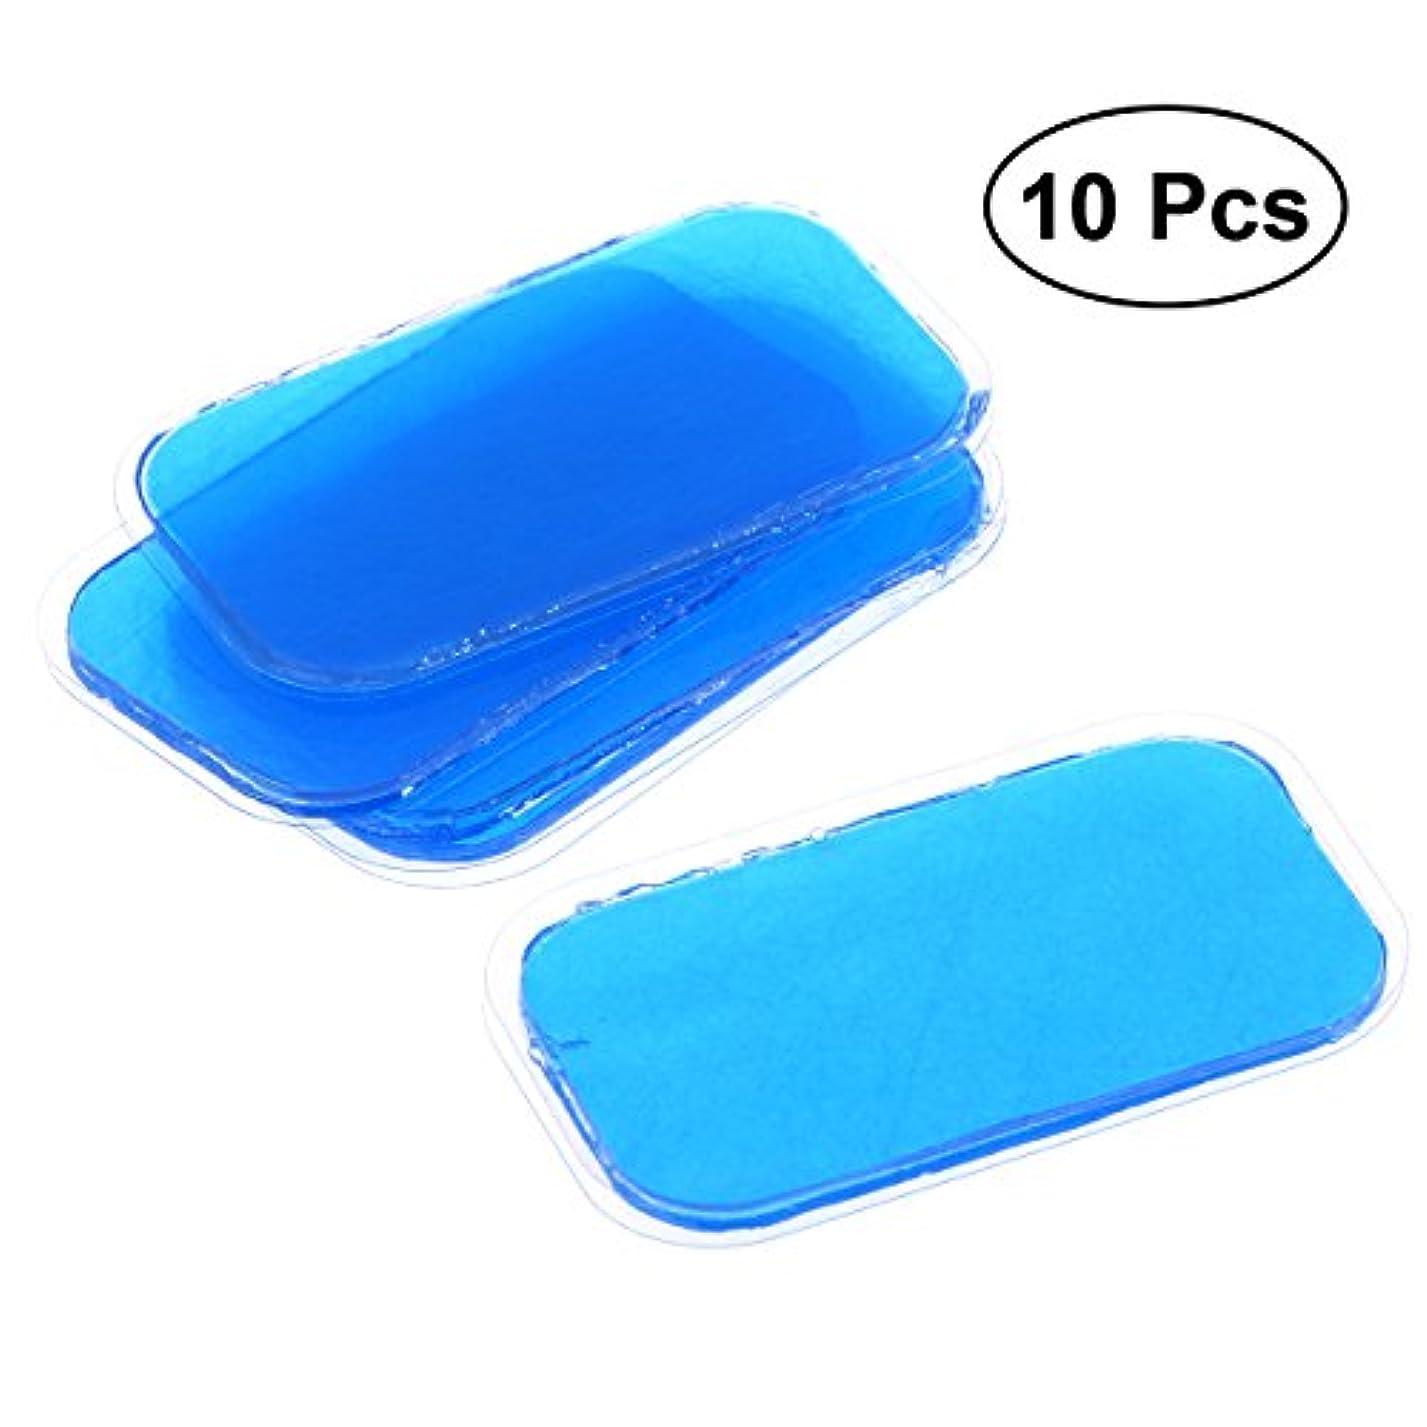 ピンポイント資格情報運ぶROSENICE 体フィットゲルシートゲルパッチフィットネス用スーパー接着剤刺激ゲル10個